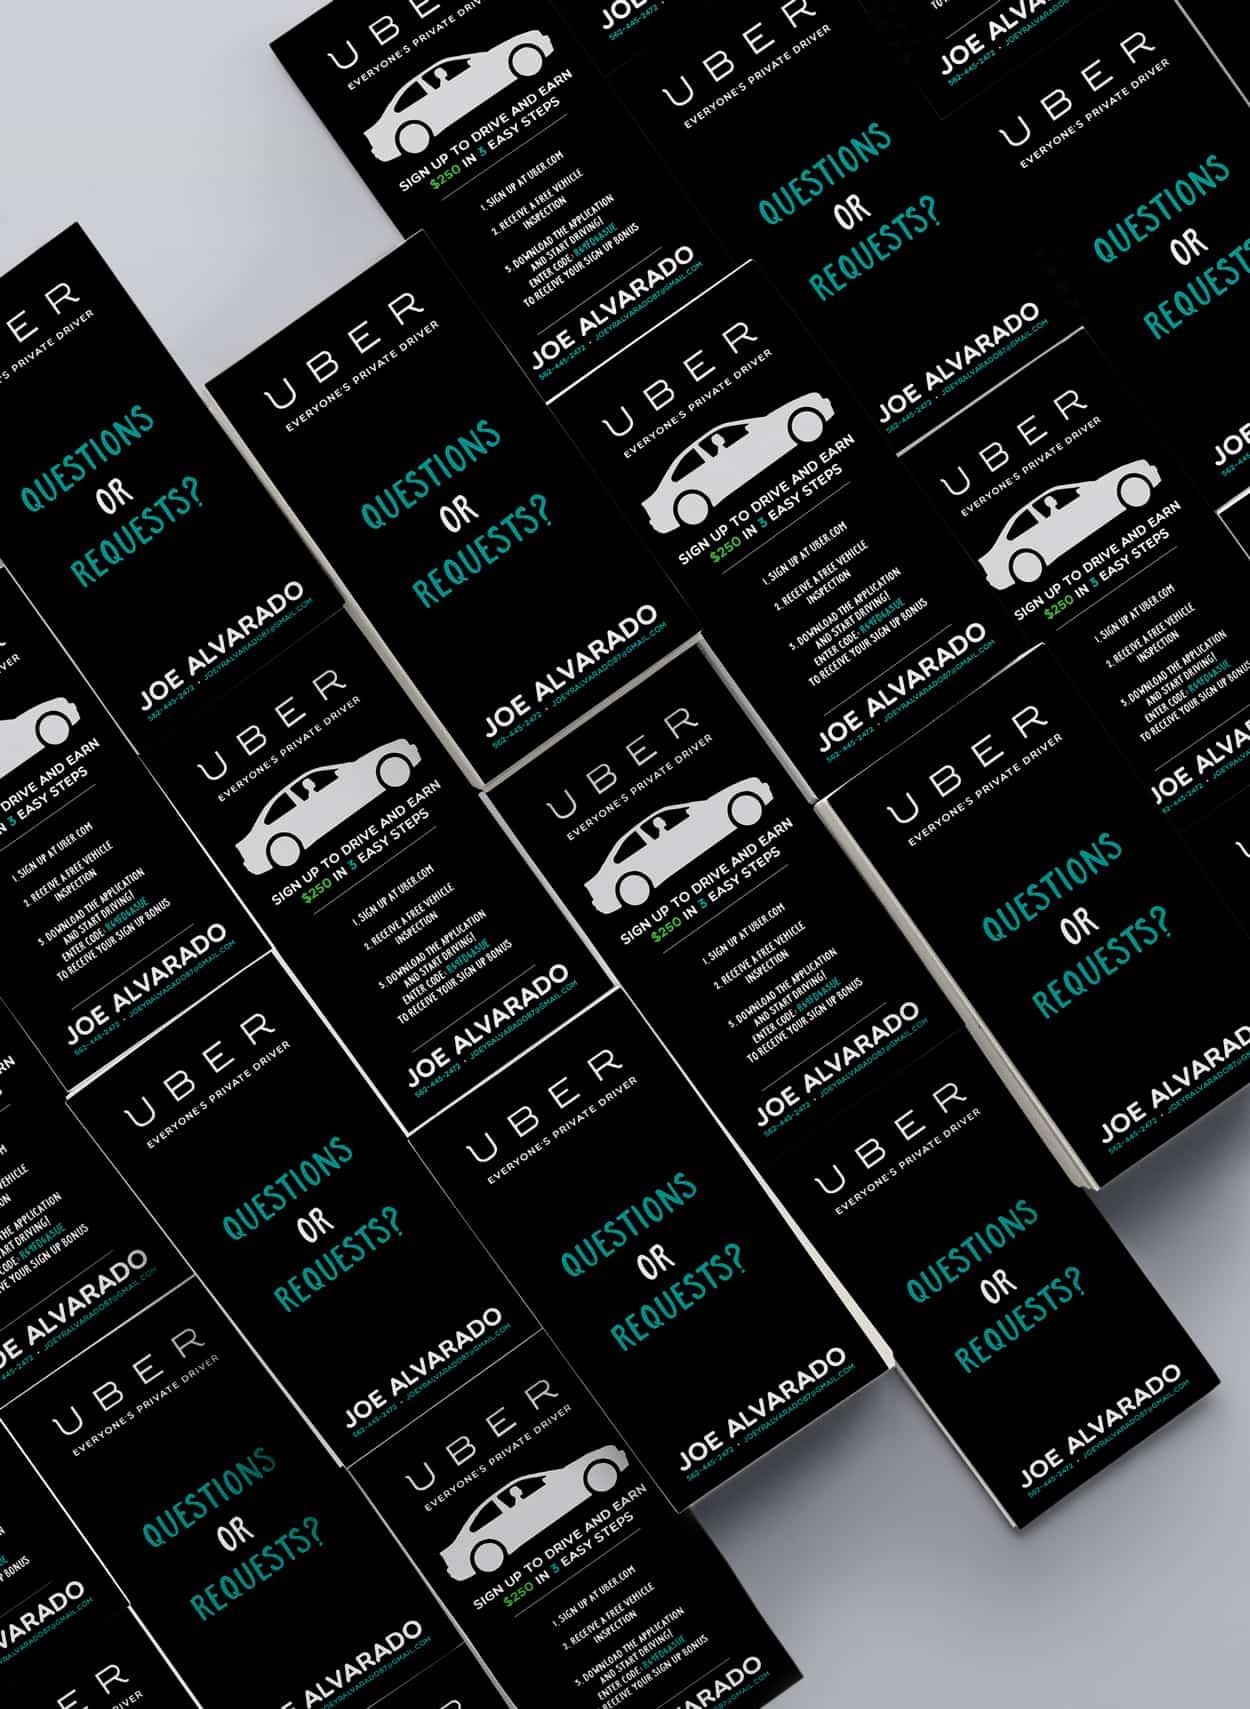 joe alvarado - uber - business card design